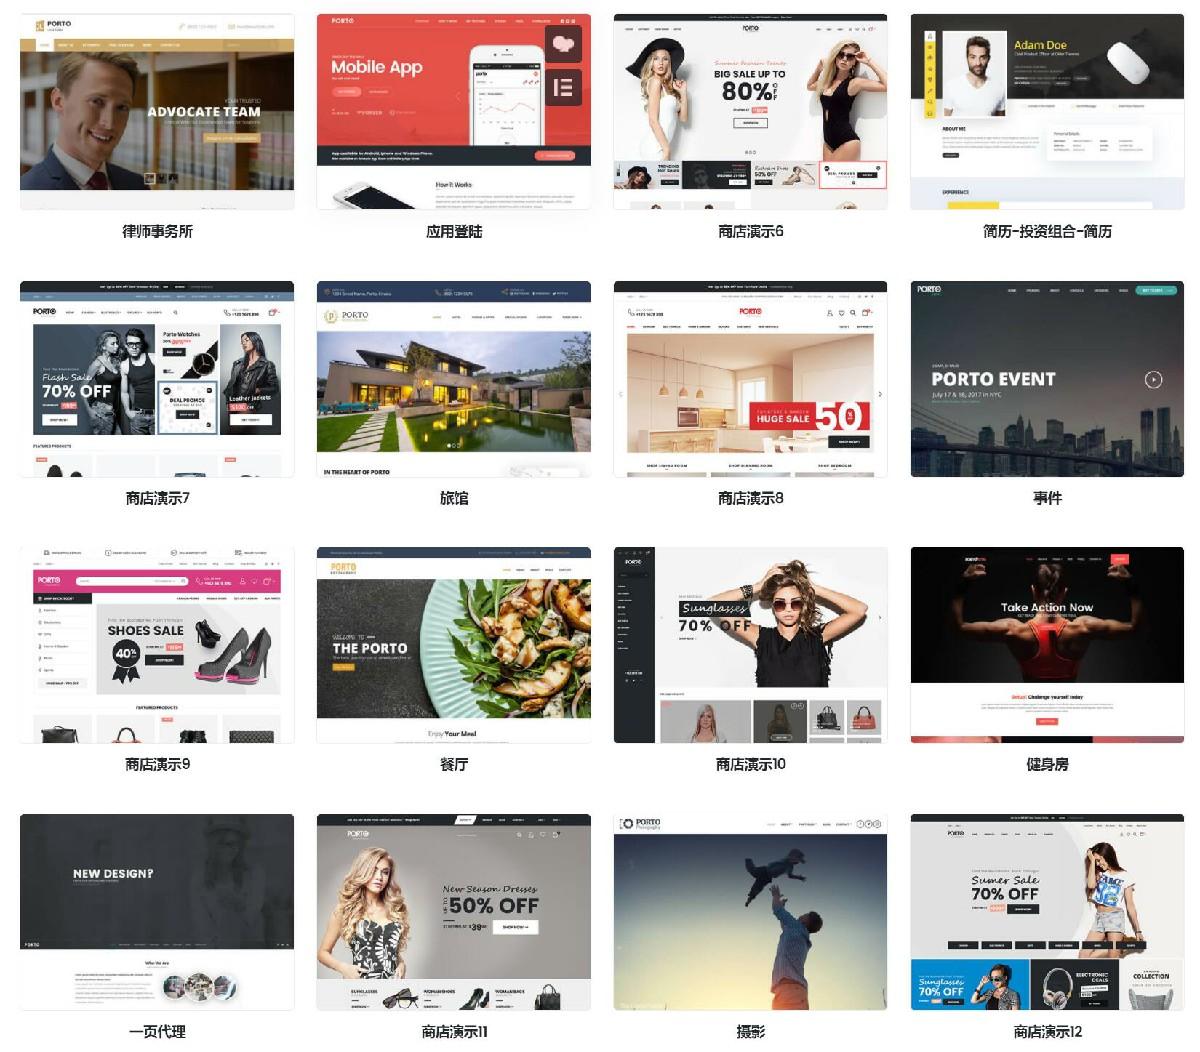 跨境电商网站模板 外贸商城企业网站wordpress主题 Porto V5.5.1中文汉化升级版插图4